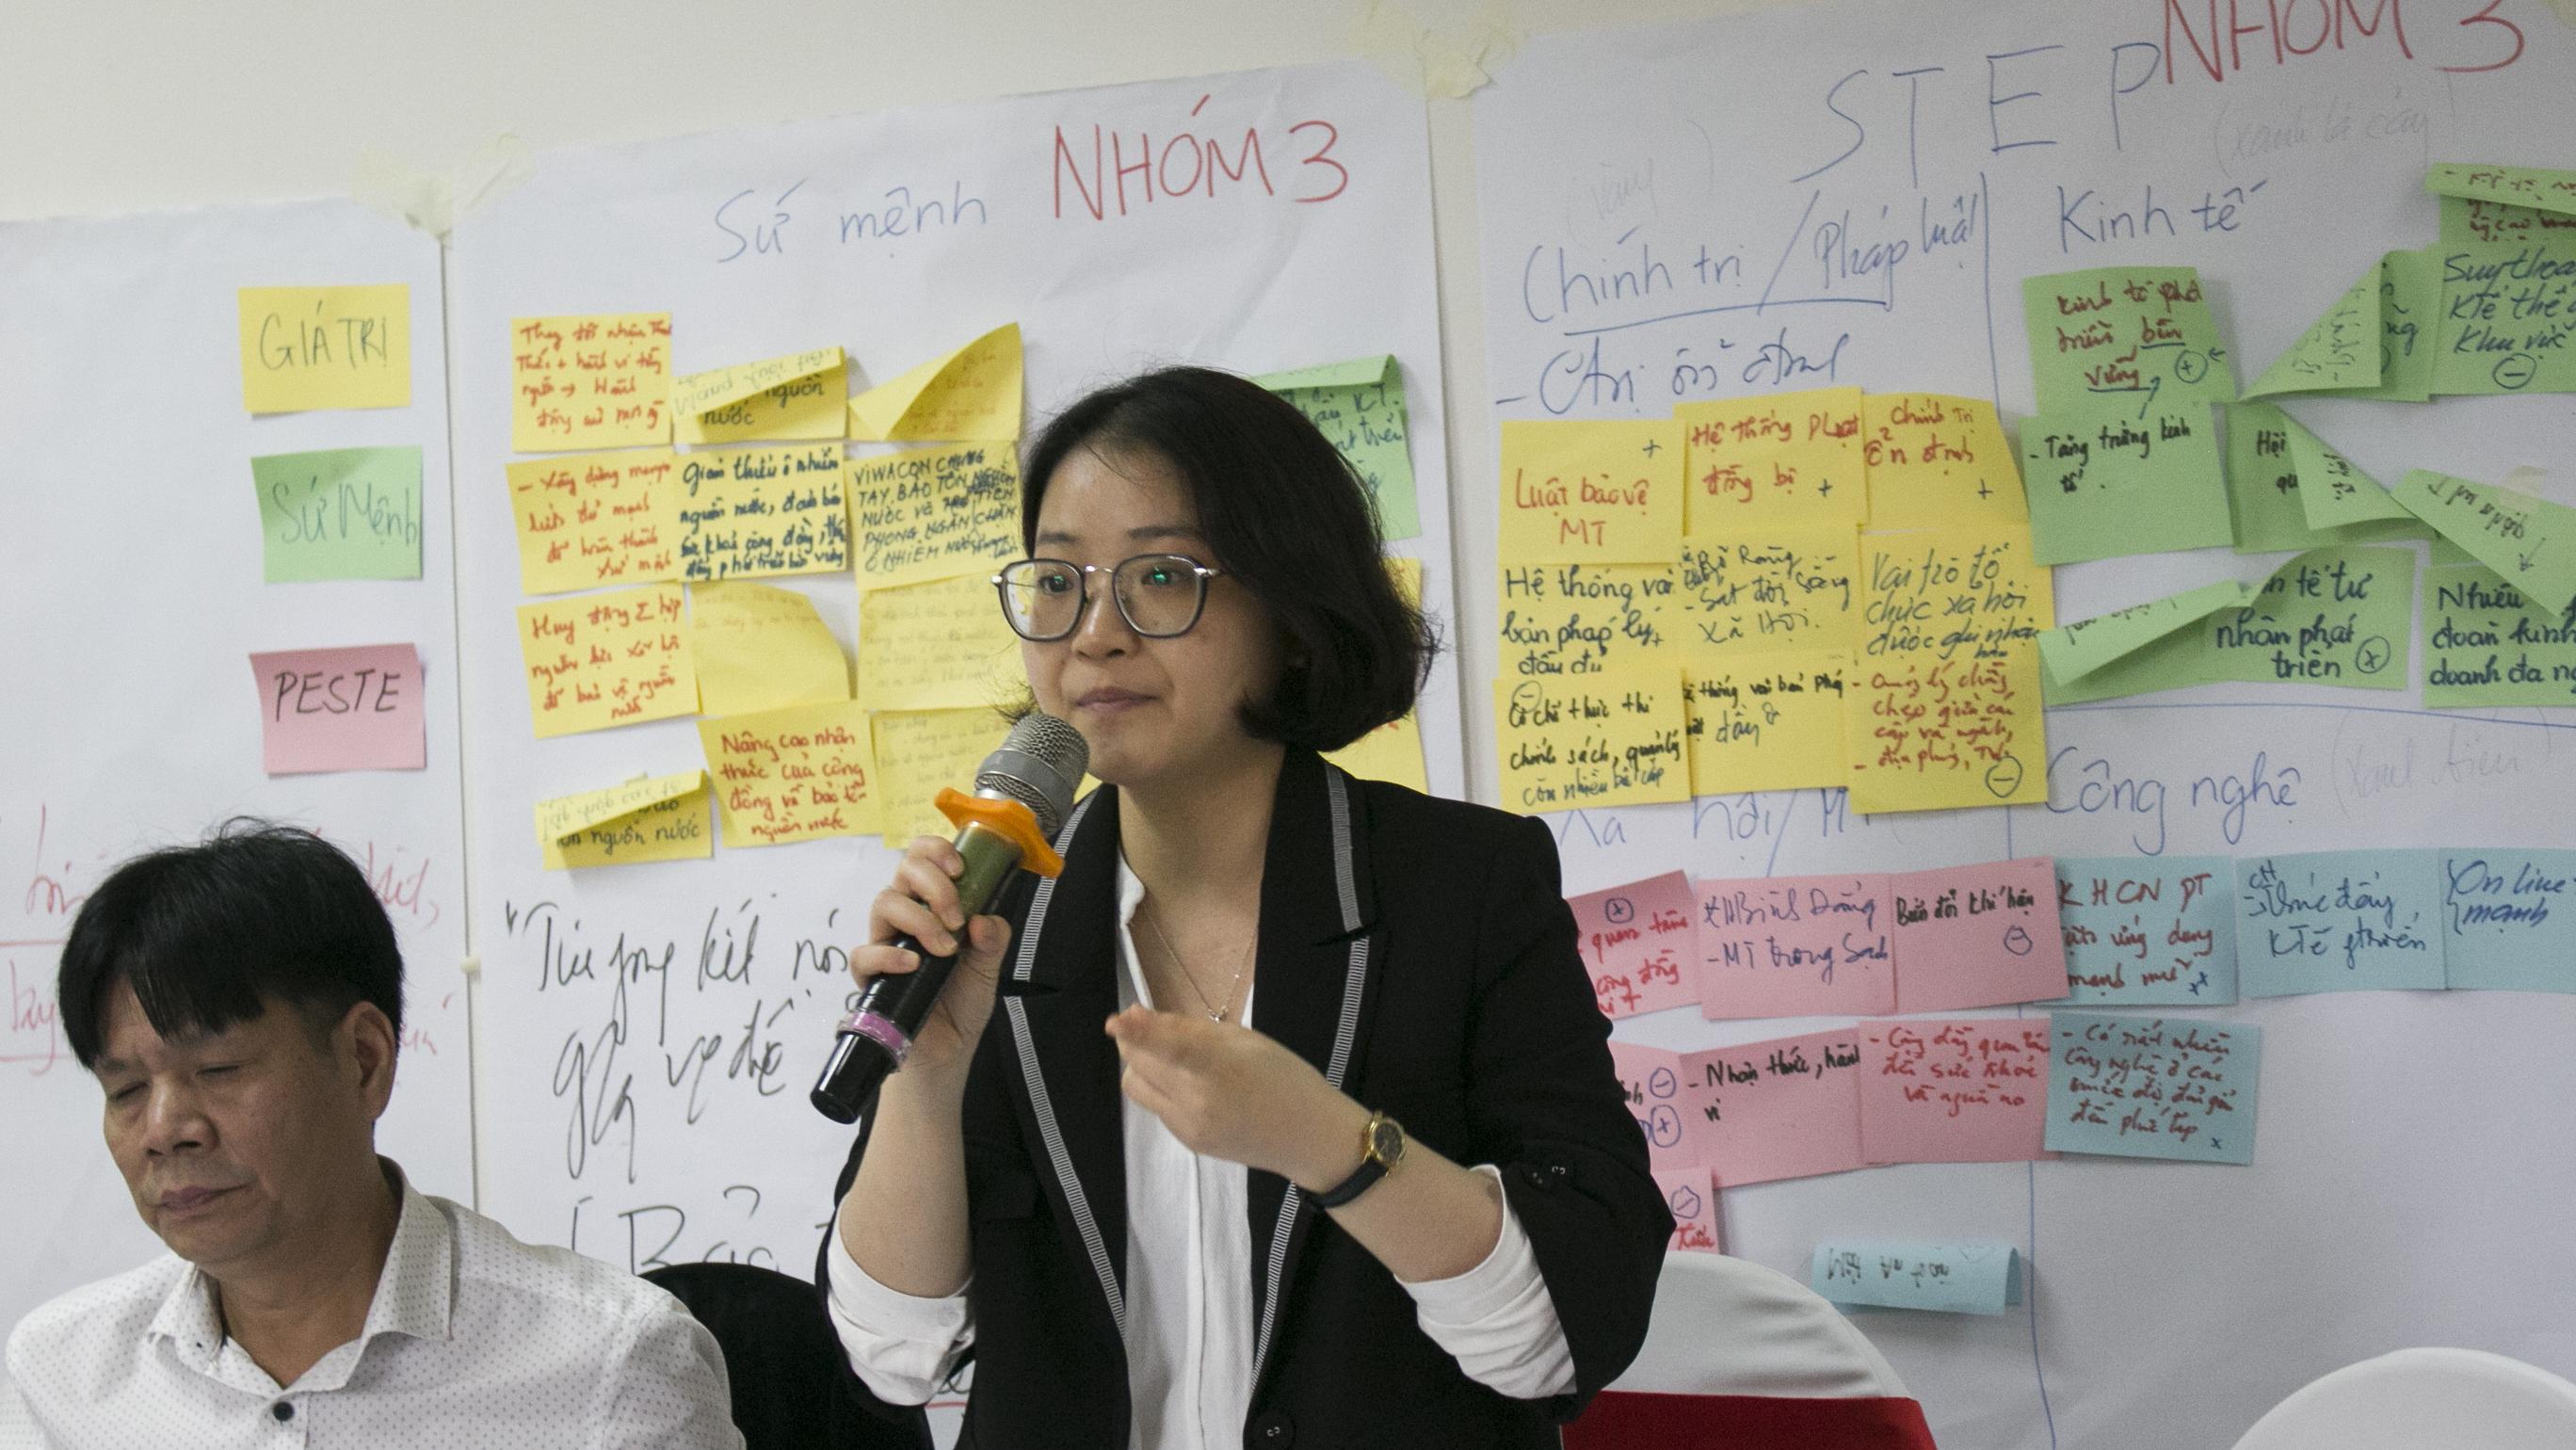 Bà Đinh Thu Hằng, giám đốc Trung tâm Nghiên Cứu Môi trường và Cộng đồng, phát biểu tại hội thảo